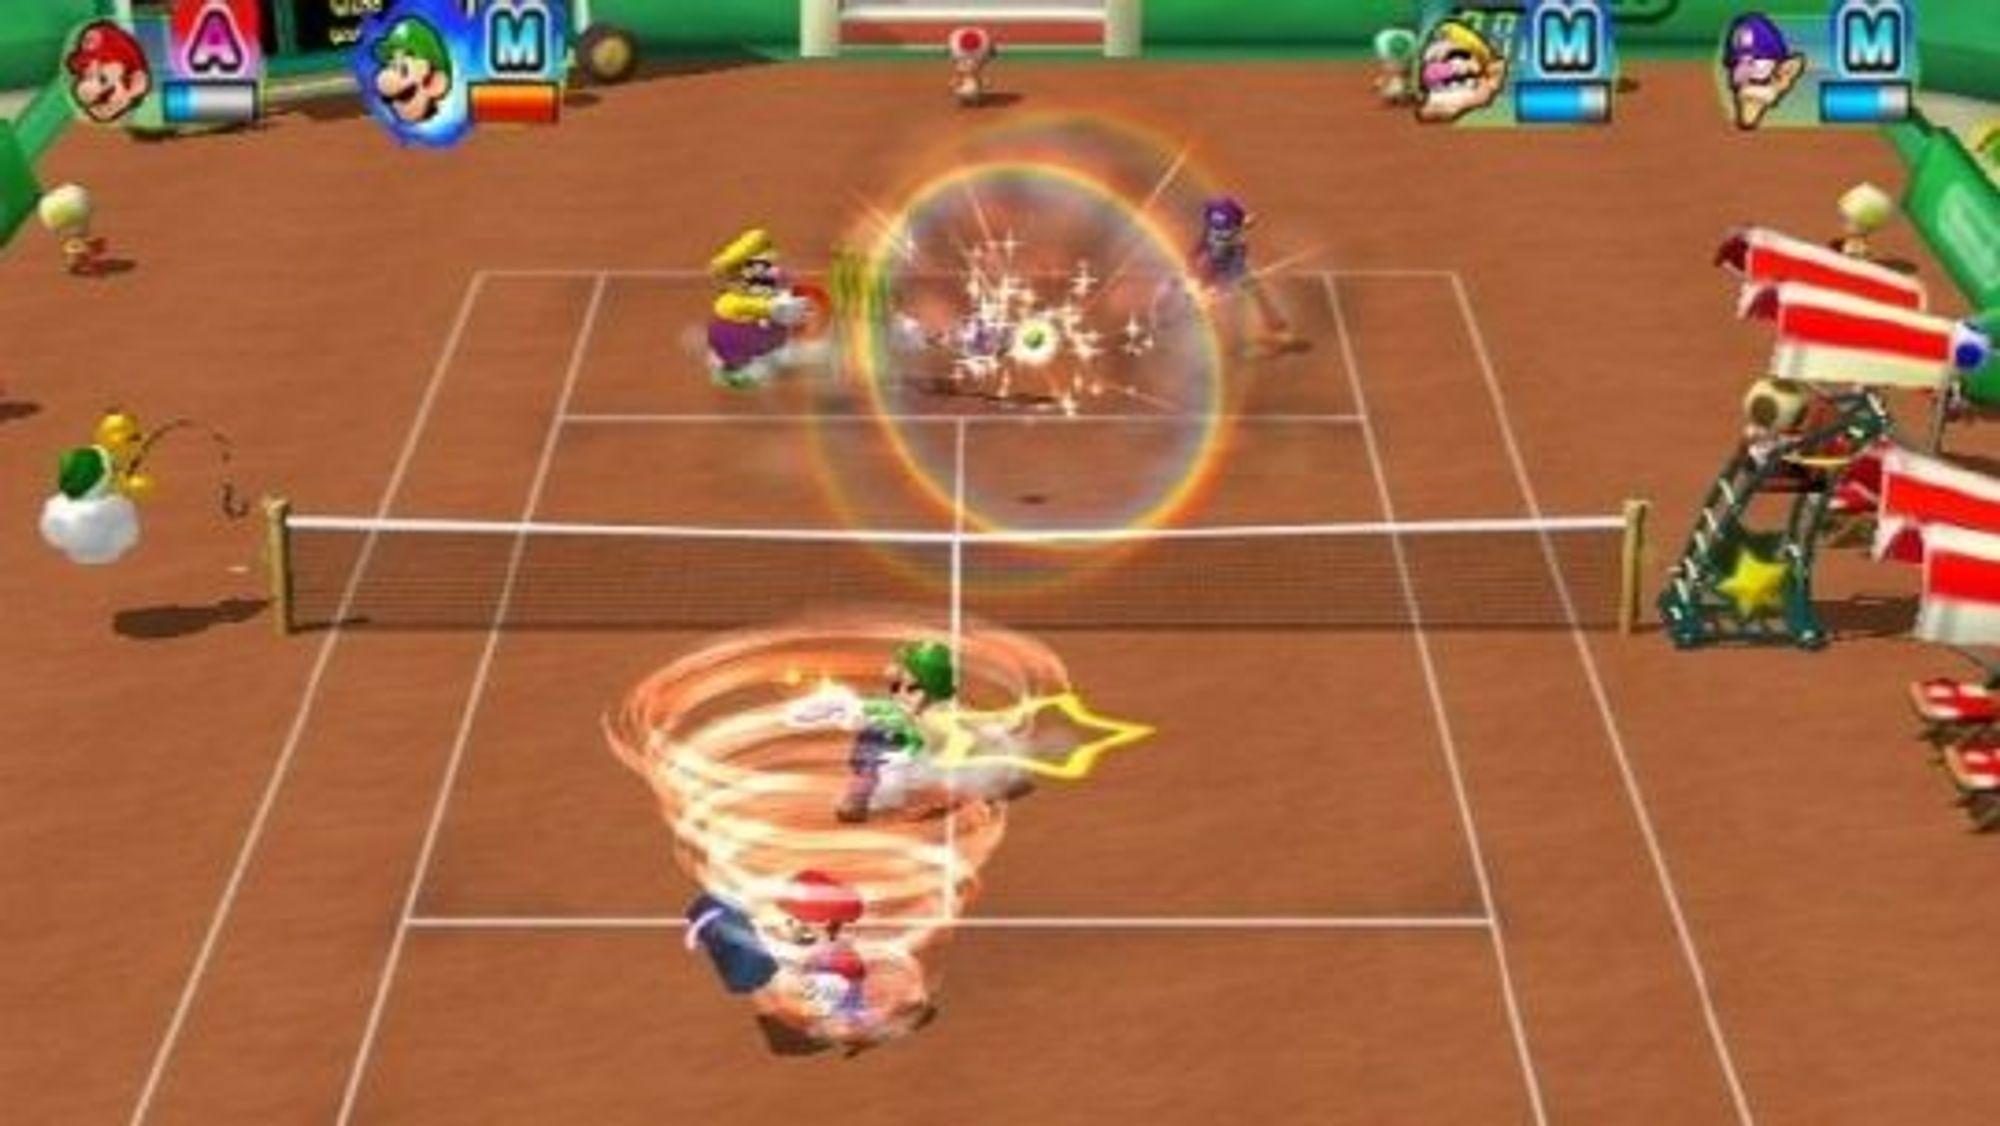 Kreative og fargerike slagvarianter preger spillet.